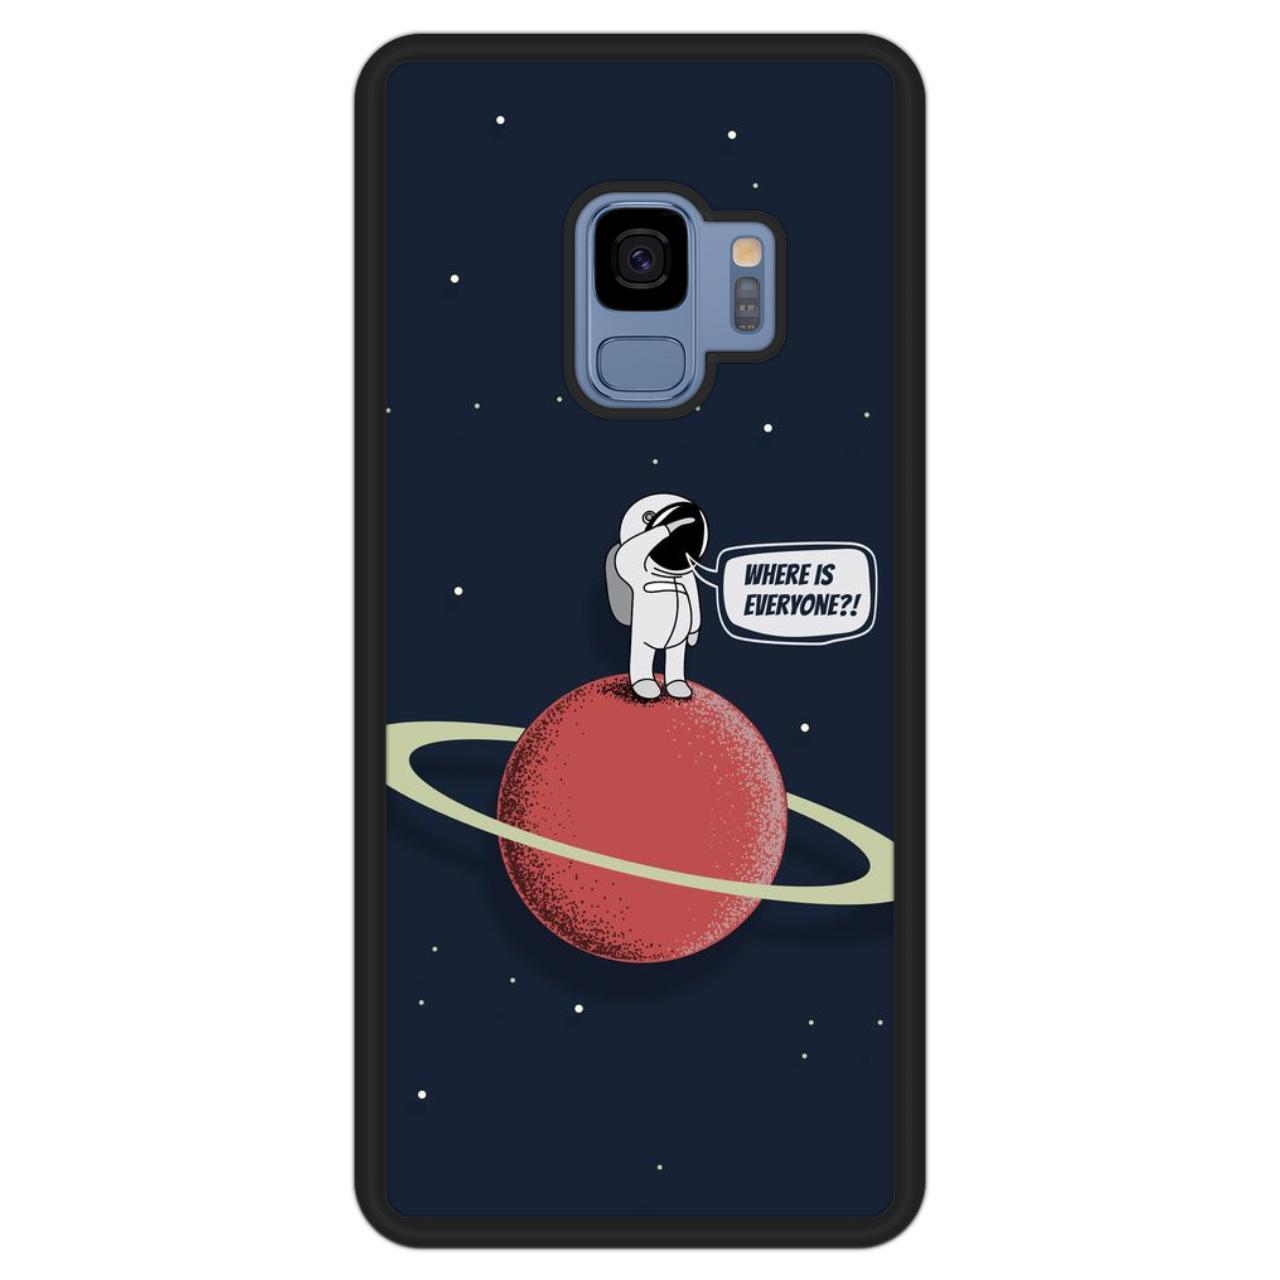 کاور مدل AS90304 مناسب برای گوشی موبایل سامسونگ Galaxy S9